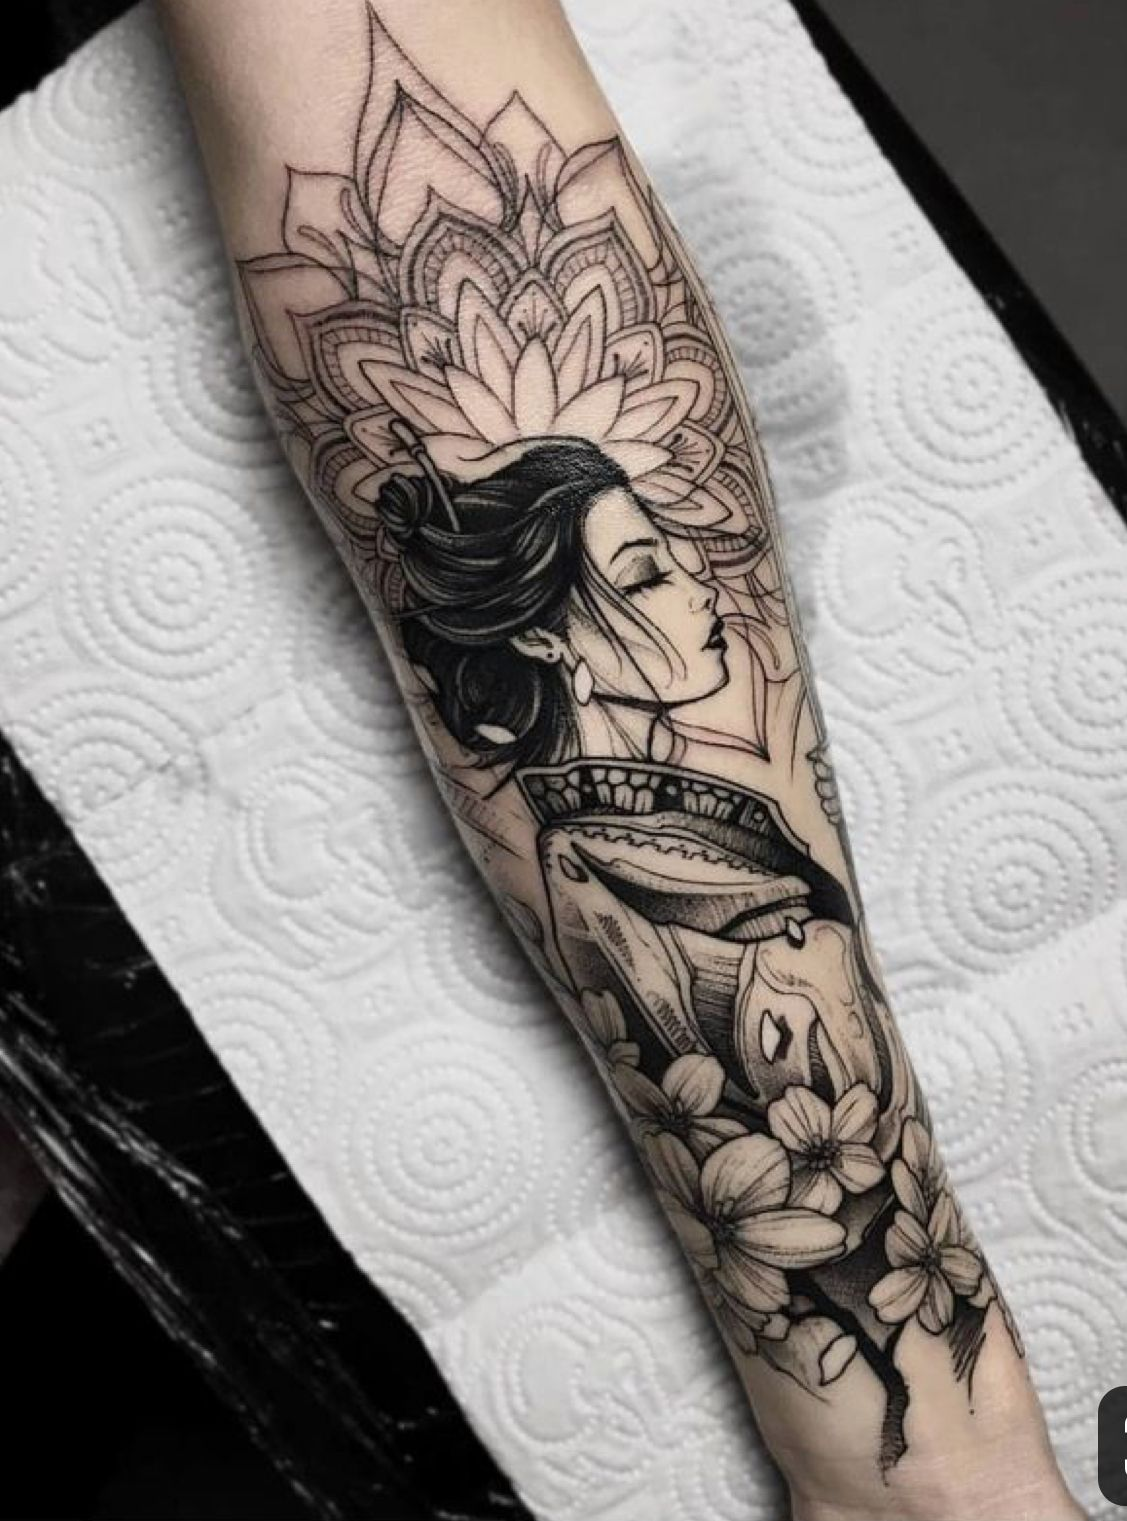 Pin By Lim Kai On Geishas Forearm Tattoo Women Arm Tattoos For Women Arm Tattoo